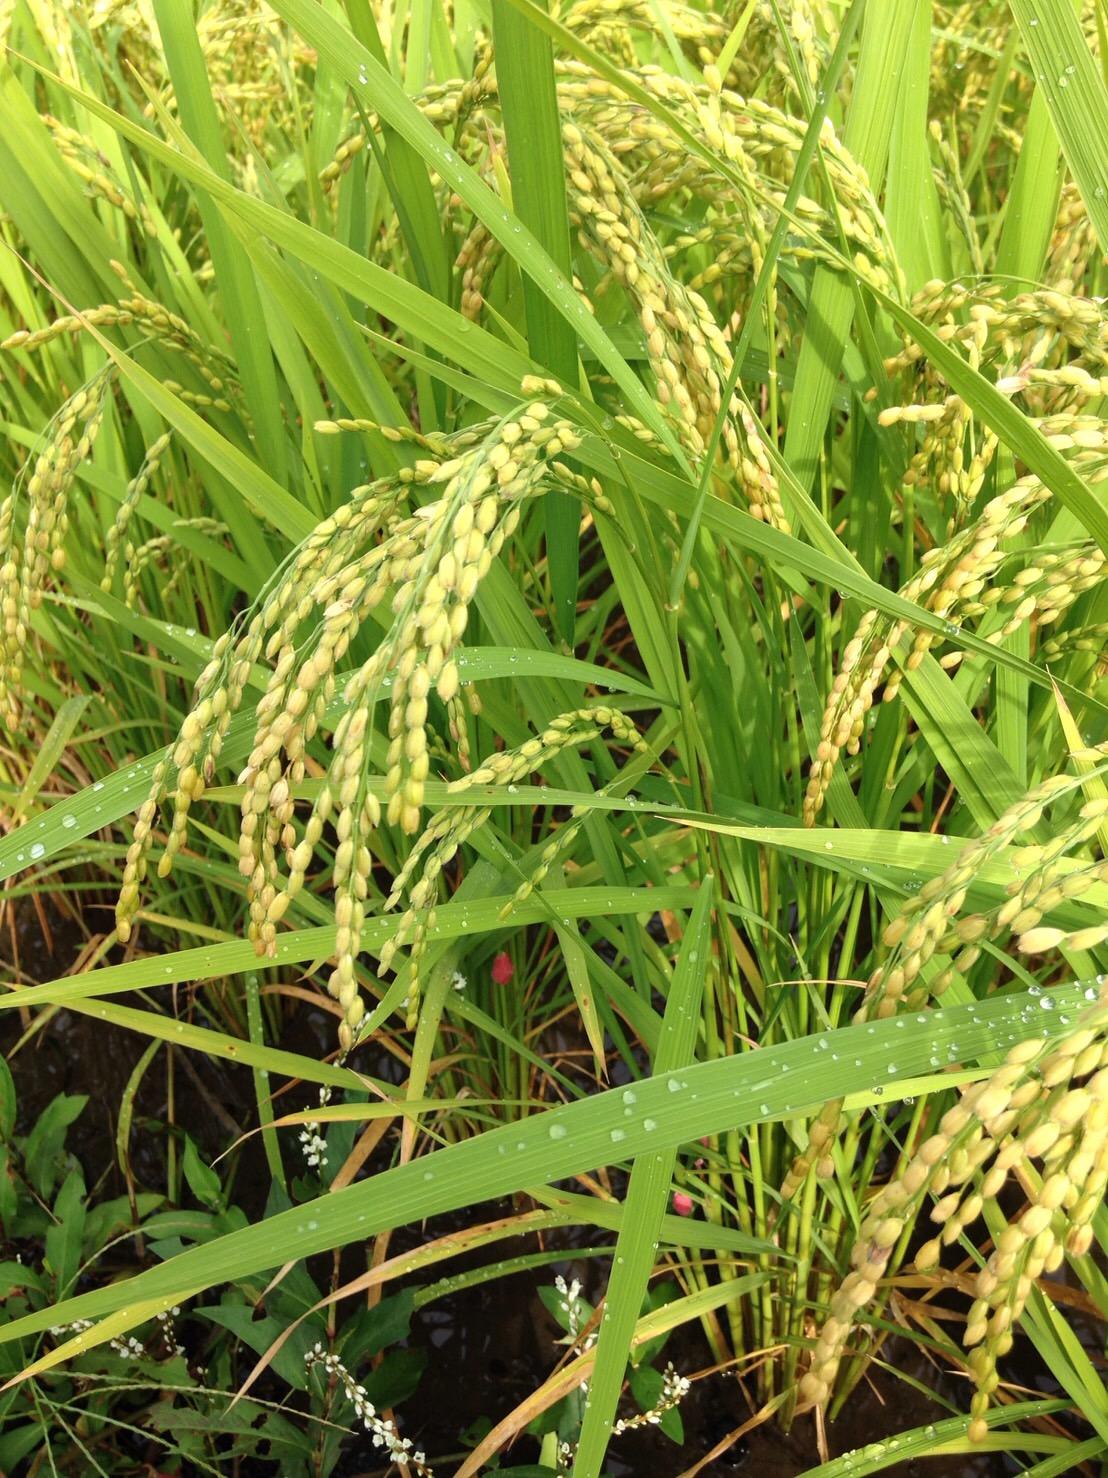 鹿児島の米農家さんから、稲穂の様子が届きました